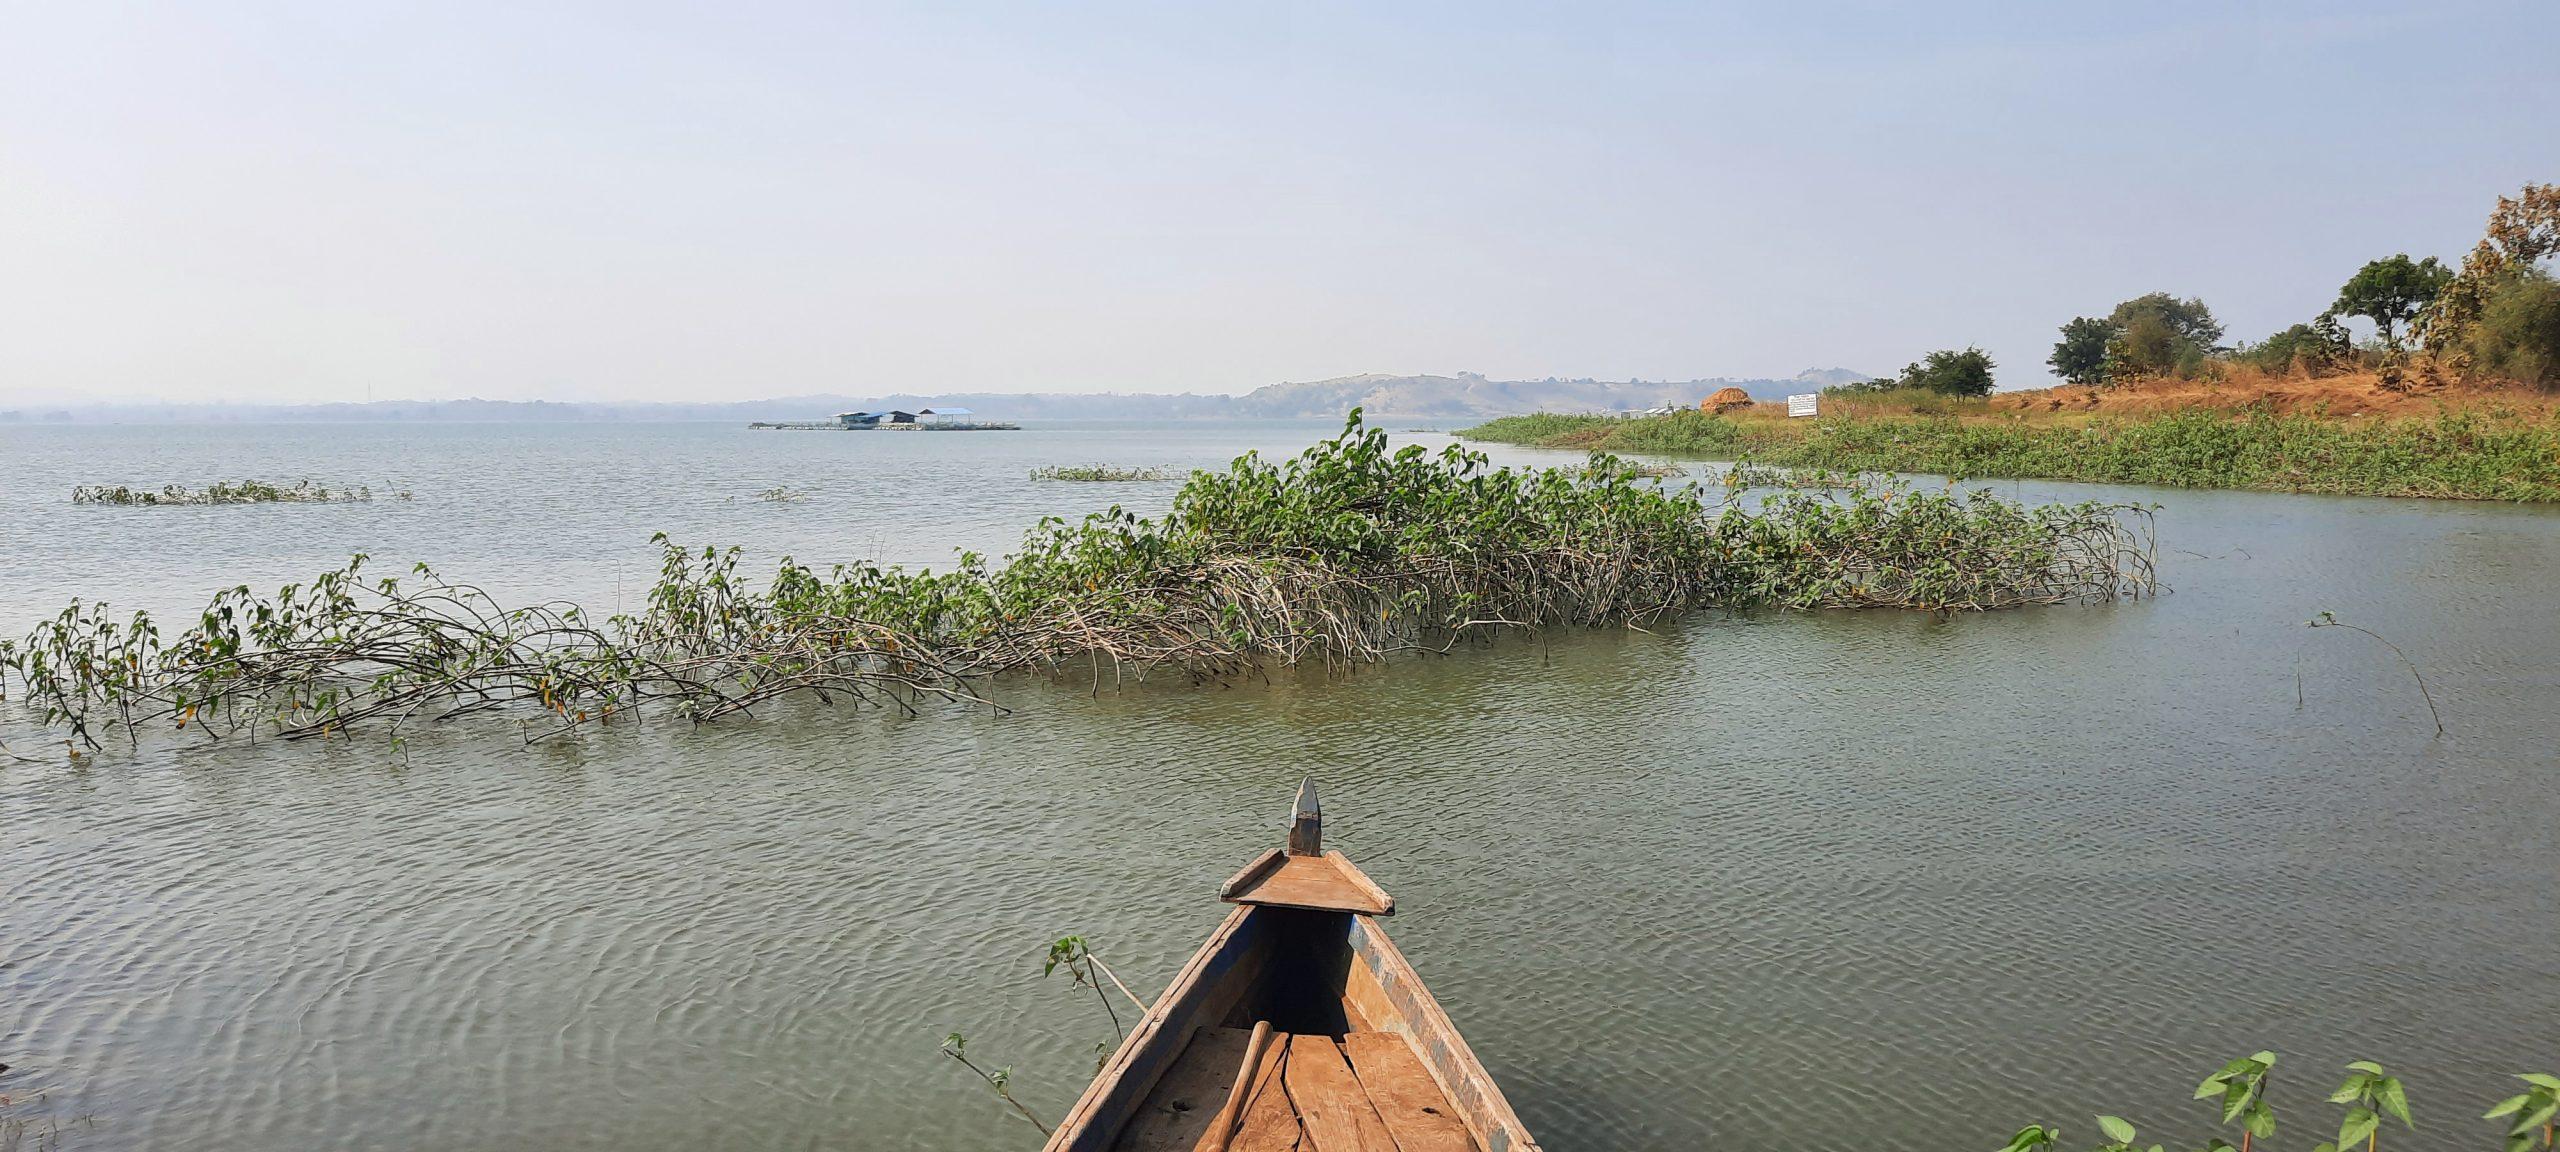 A boat and aquatic plants